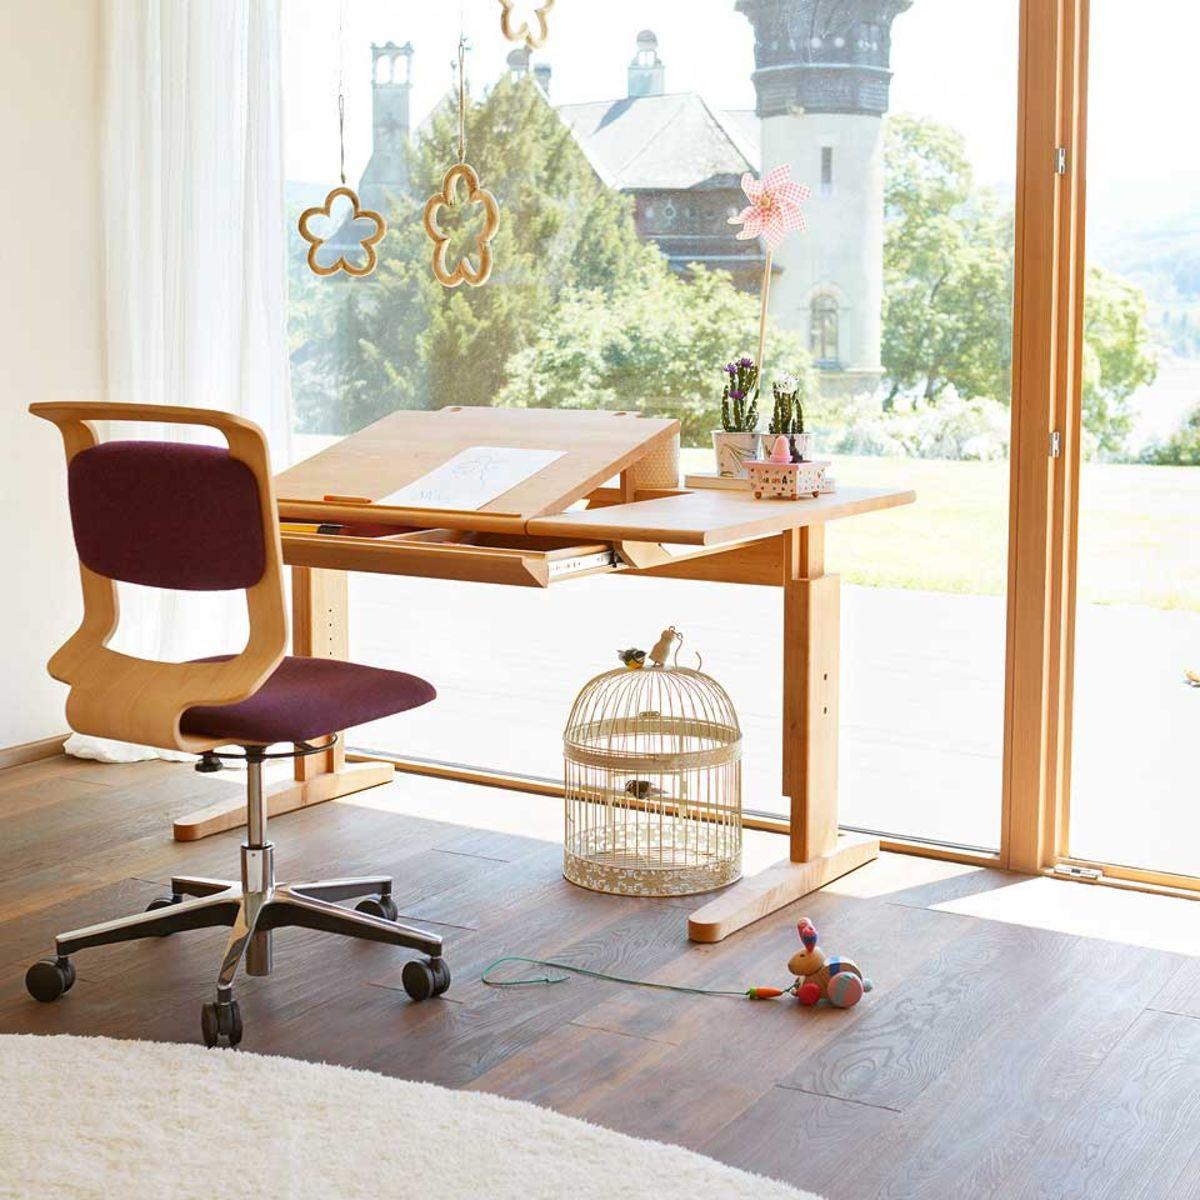 mobile Schreibtisch mit Drehstuhl von TEAM 7 Frankfurt